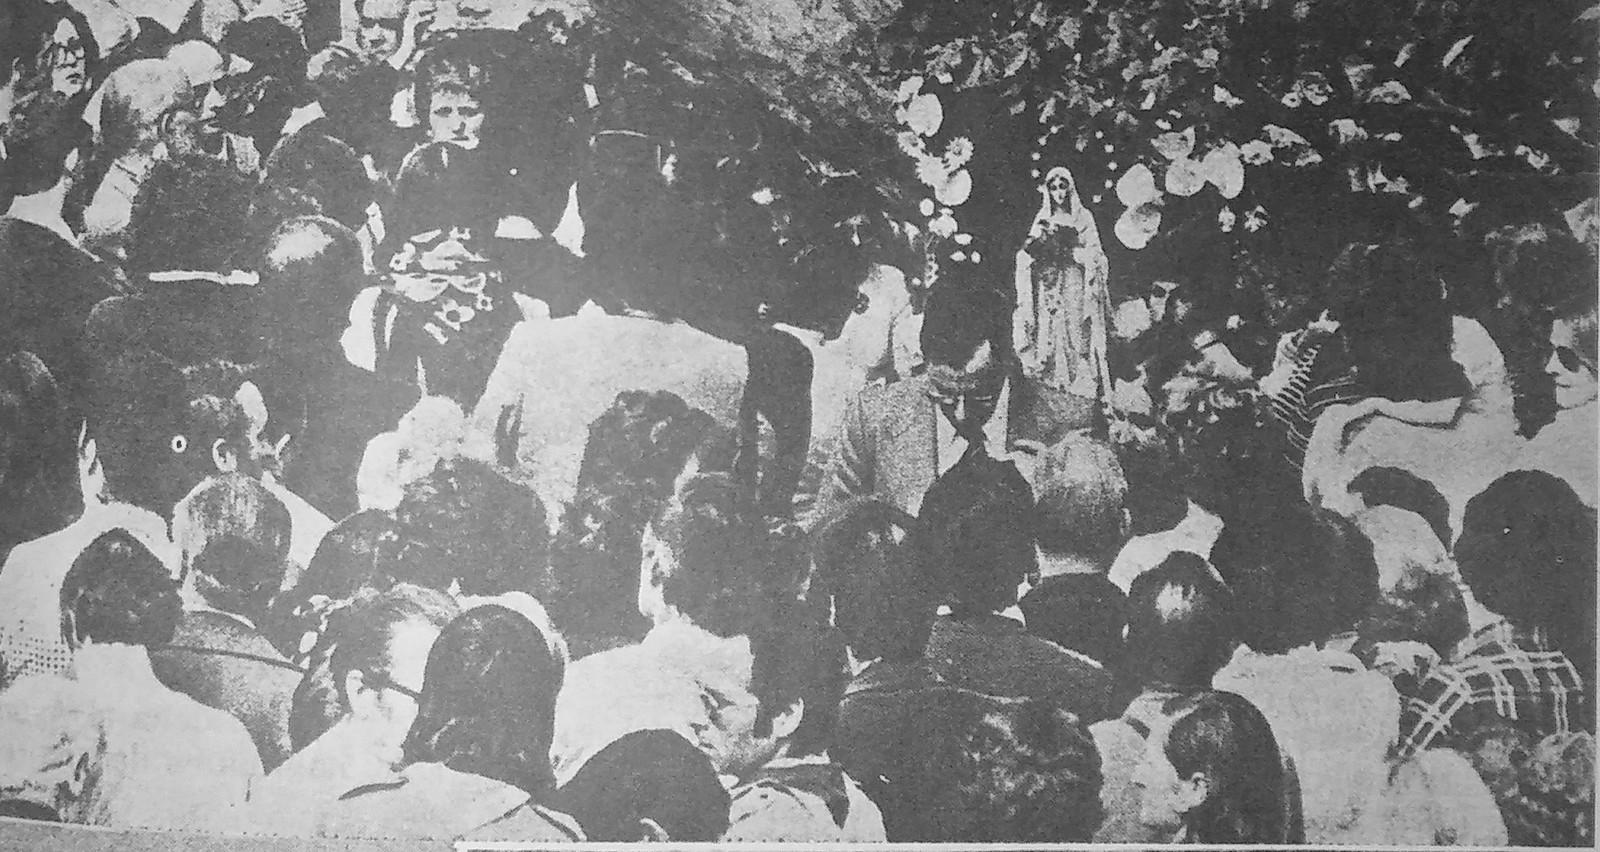 Aparición de la Virgen de Lourdes de Can Cerdà en Cataluña, España (11 nov)